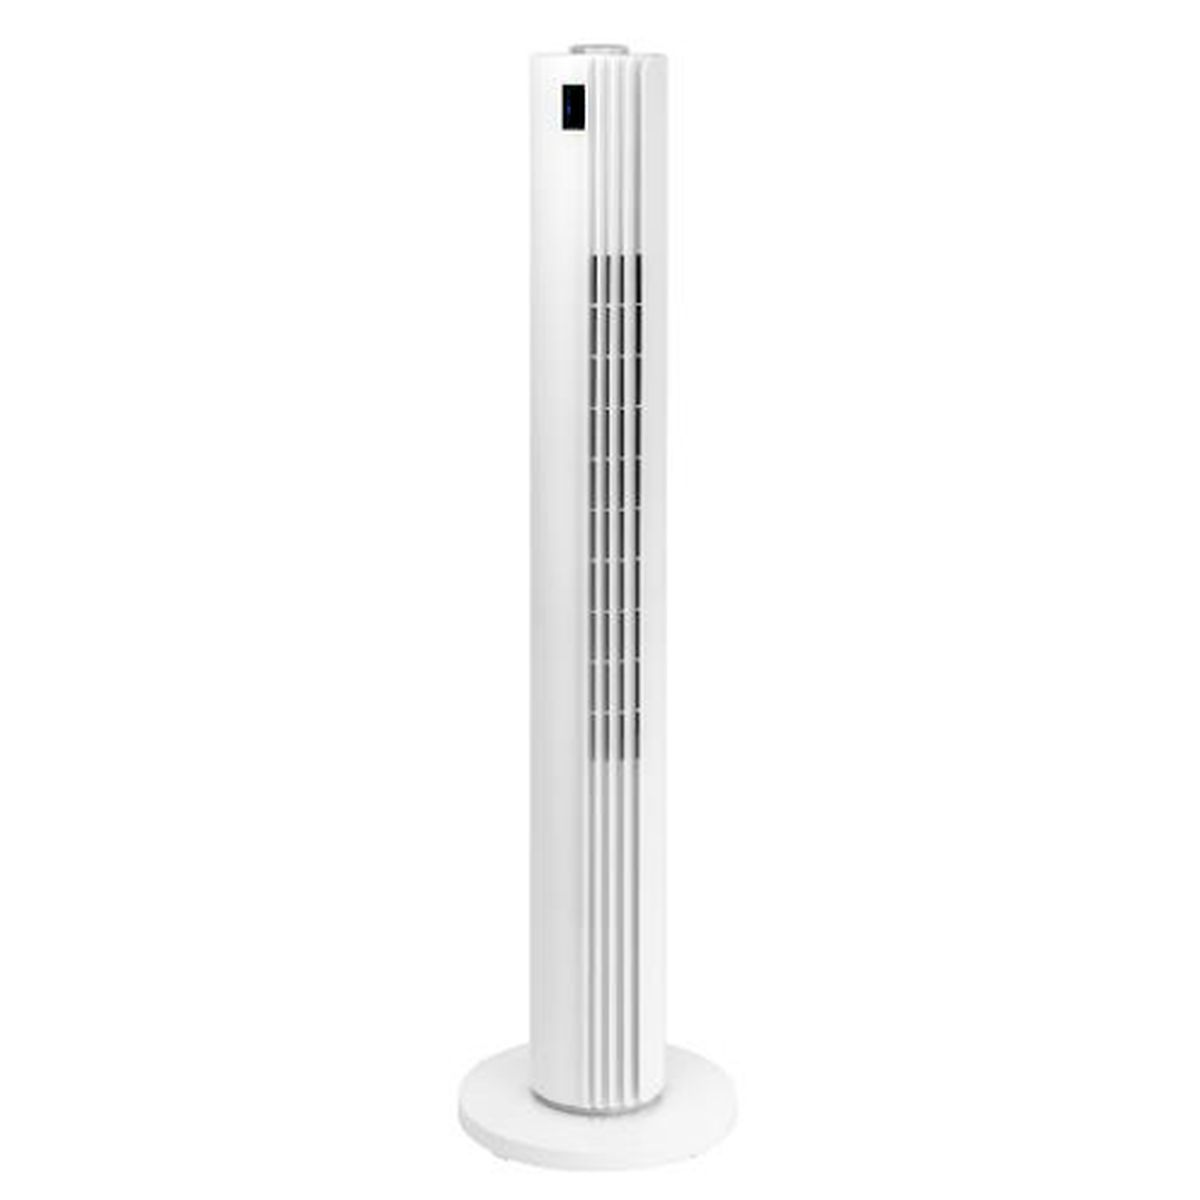 Ventilateur colonne VU6720 - Blanc